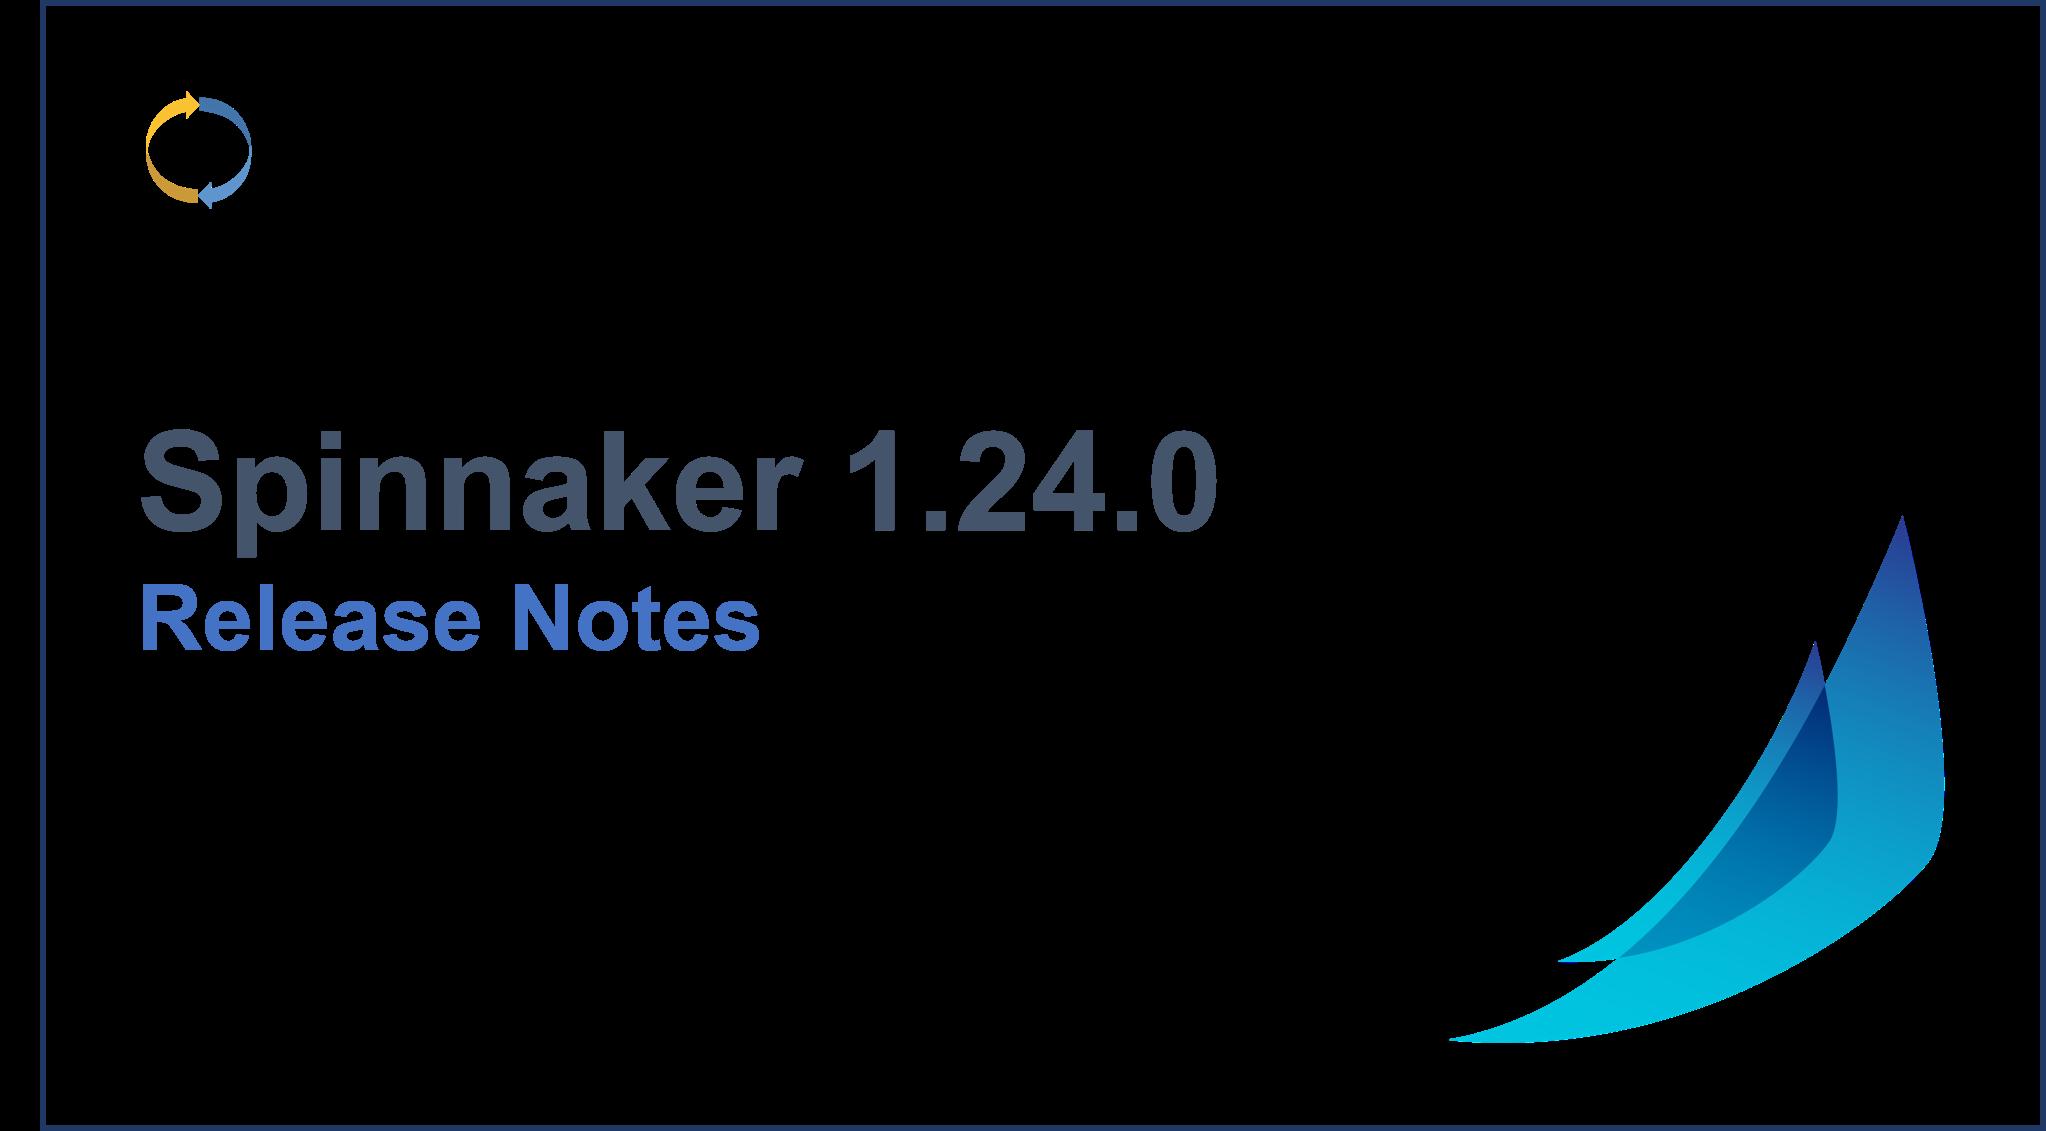 Spinnaker 1.24.0 release